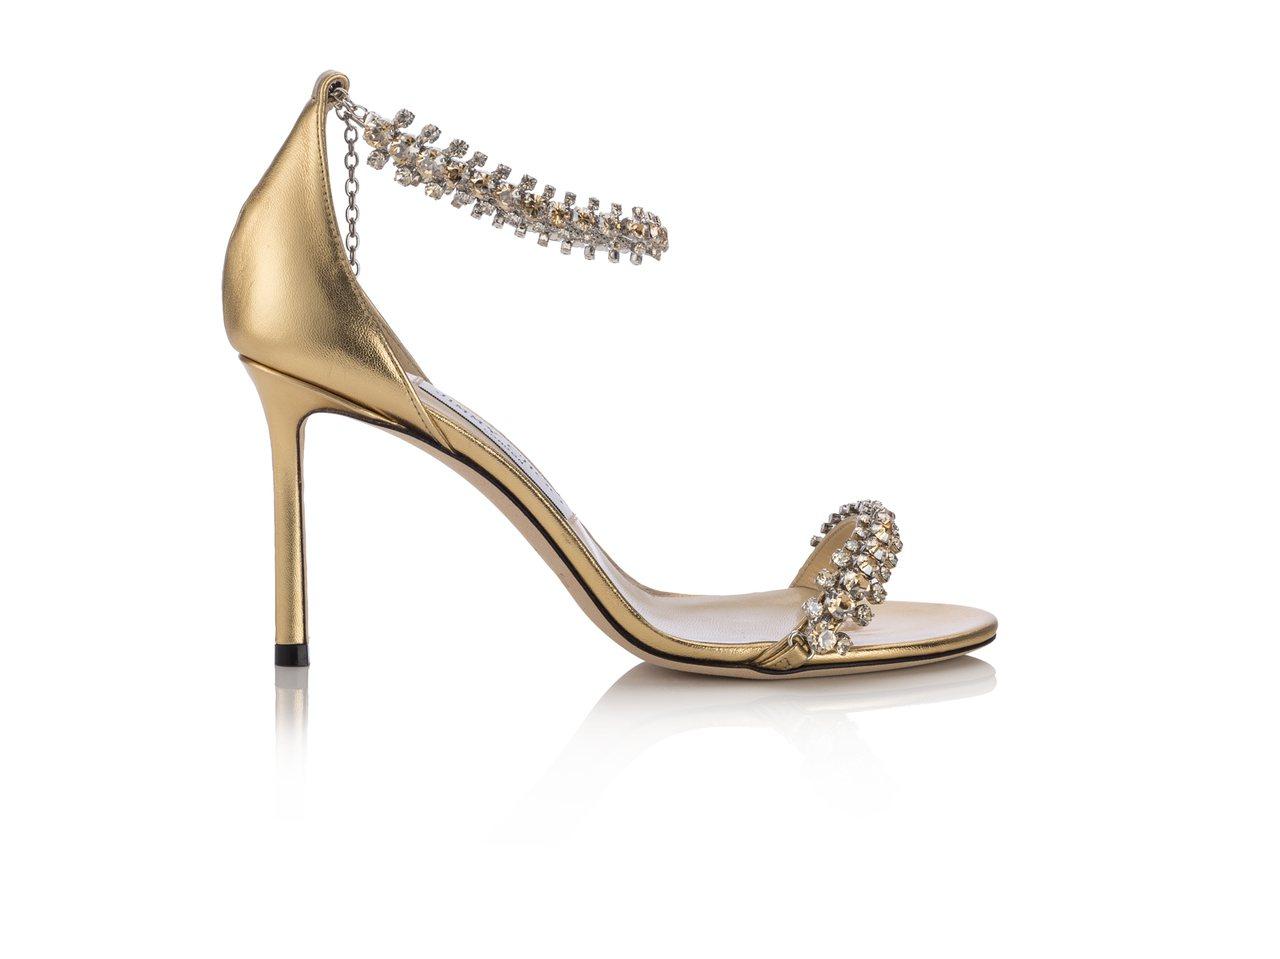 隋棠示範SHILOH繫帶高跟涼鞋,腳踝處的鍊帶還可以拆下來當作手鍊或腳鍊。54,...